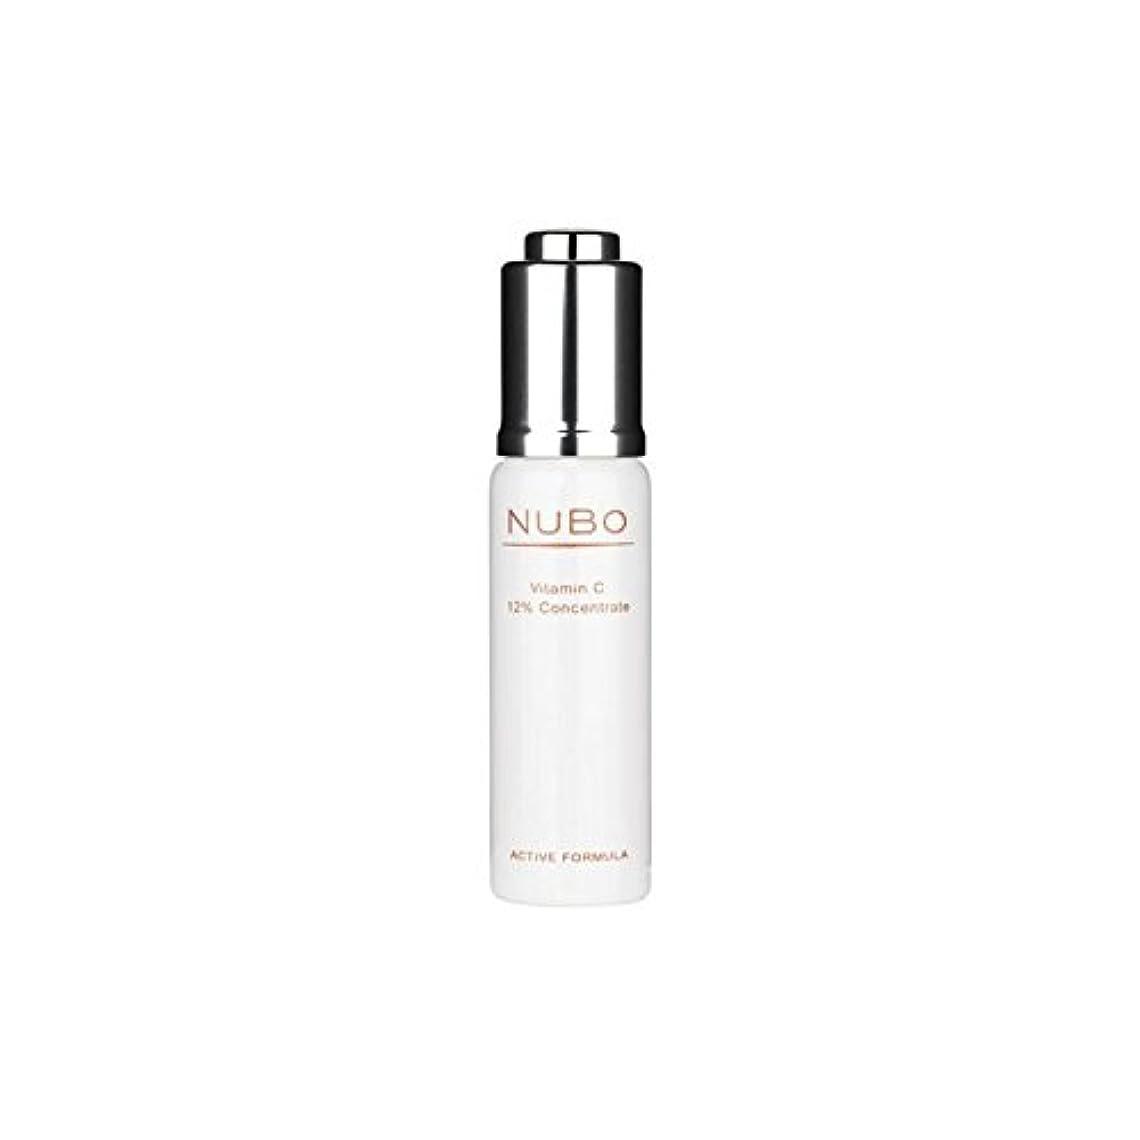 スラム街勝者傾斜ビタミン 12%の濃縮物(15ミリリットル) x4 - Nubo Vitamin C 12% Concentrate (15ml) (Pack of 4) [並行輸入品]